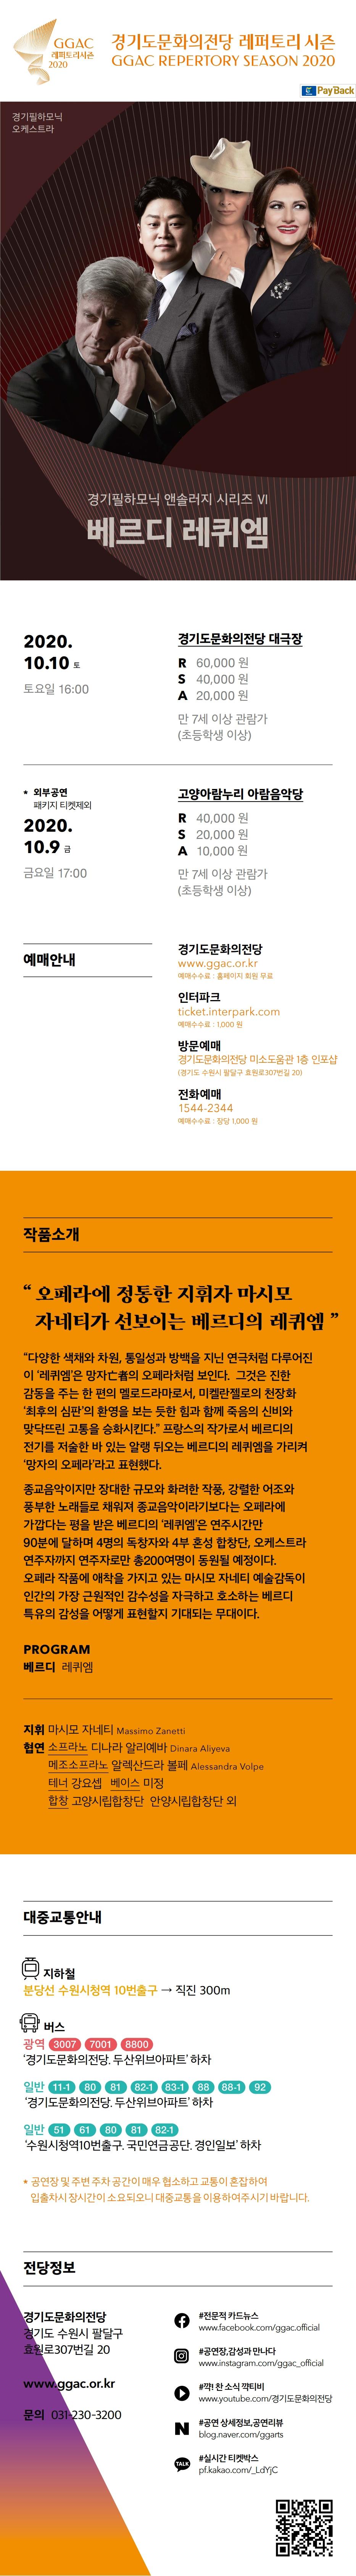 경기필하모닉 2020 앤솔러지 시리즈 Ⅵ <베르디 레퀴엠> - 레퍼토리 시즌제 - 고양